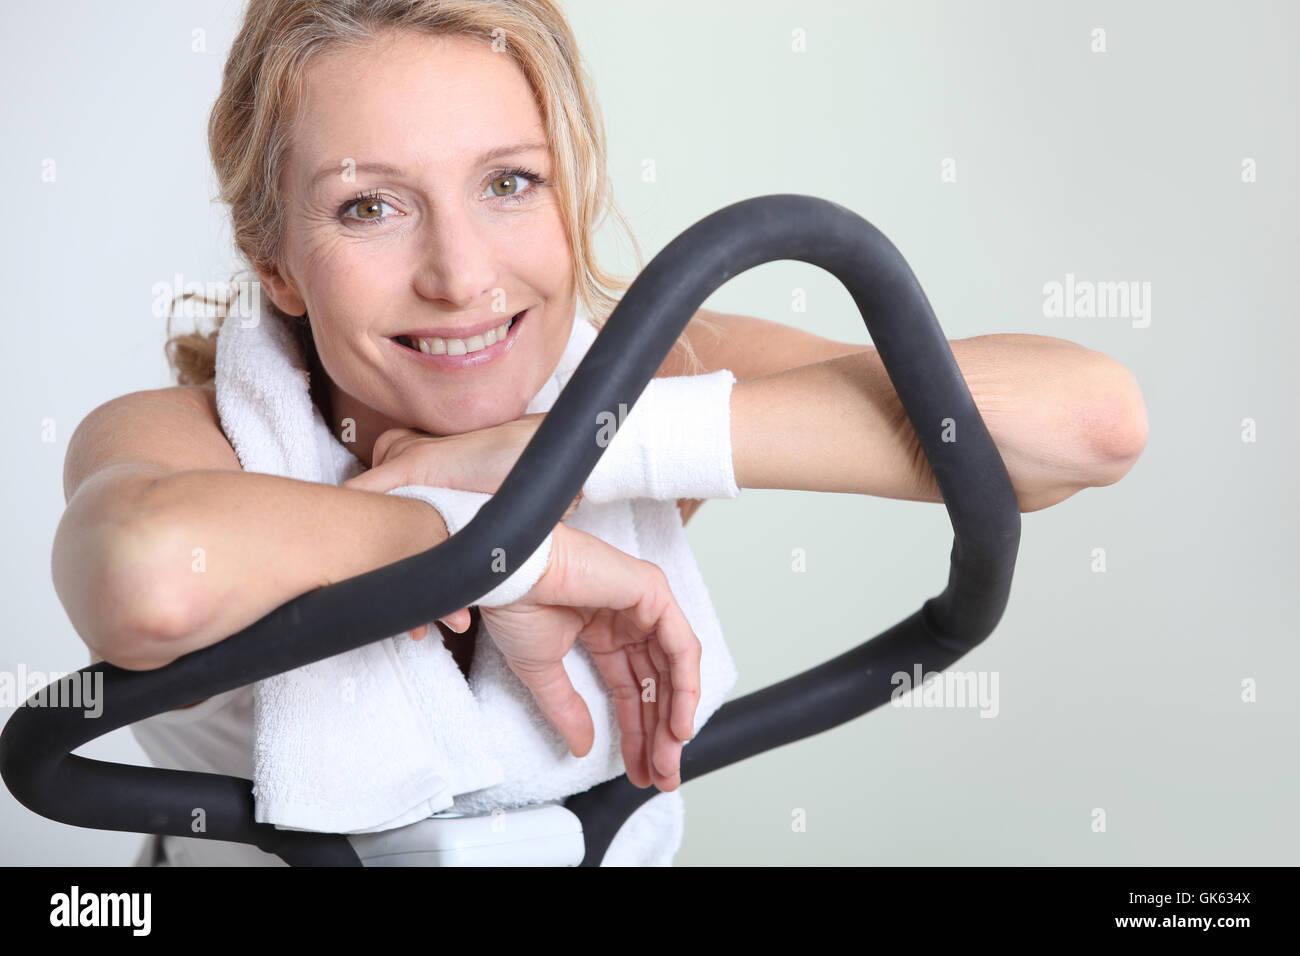 Equipo de ejercicio de salud Imagen De Stock